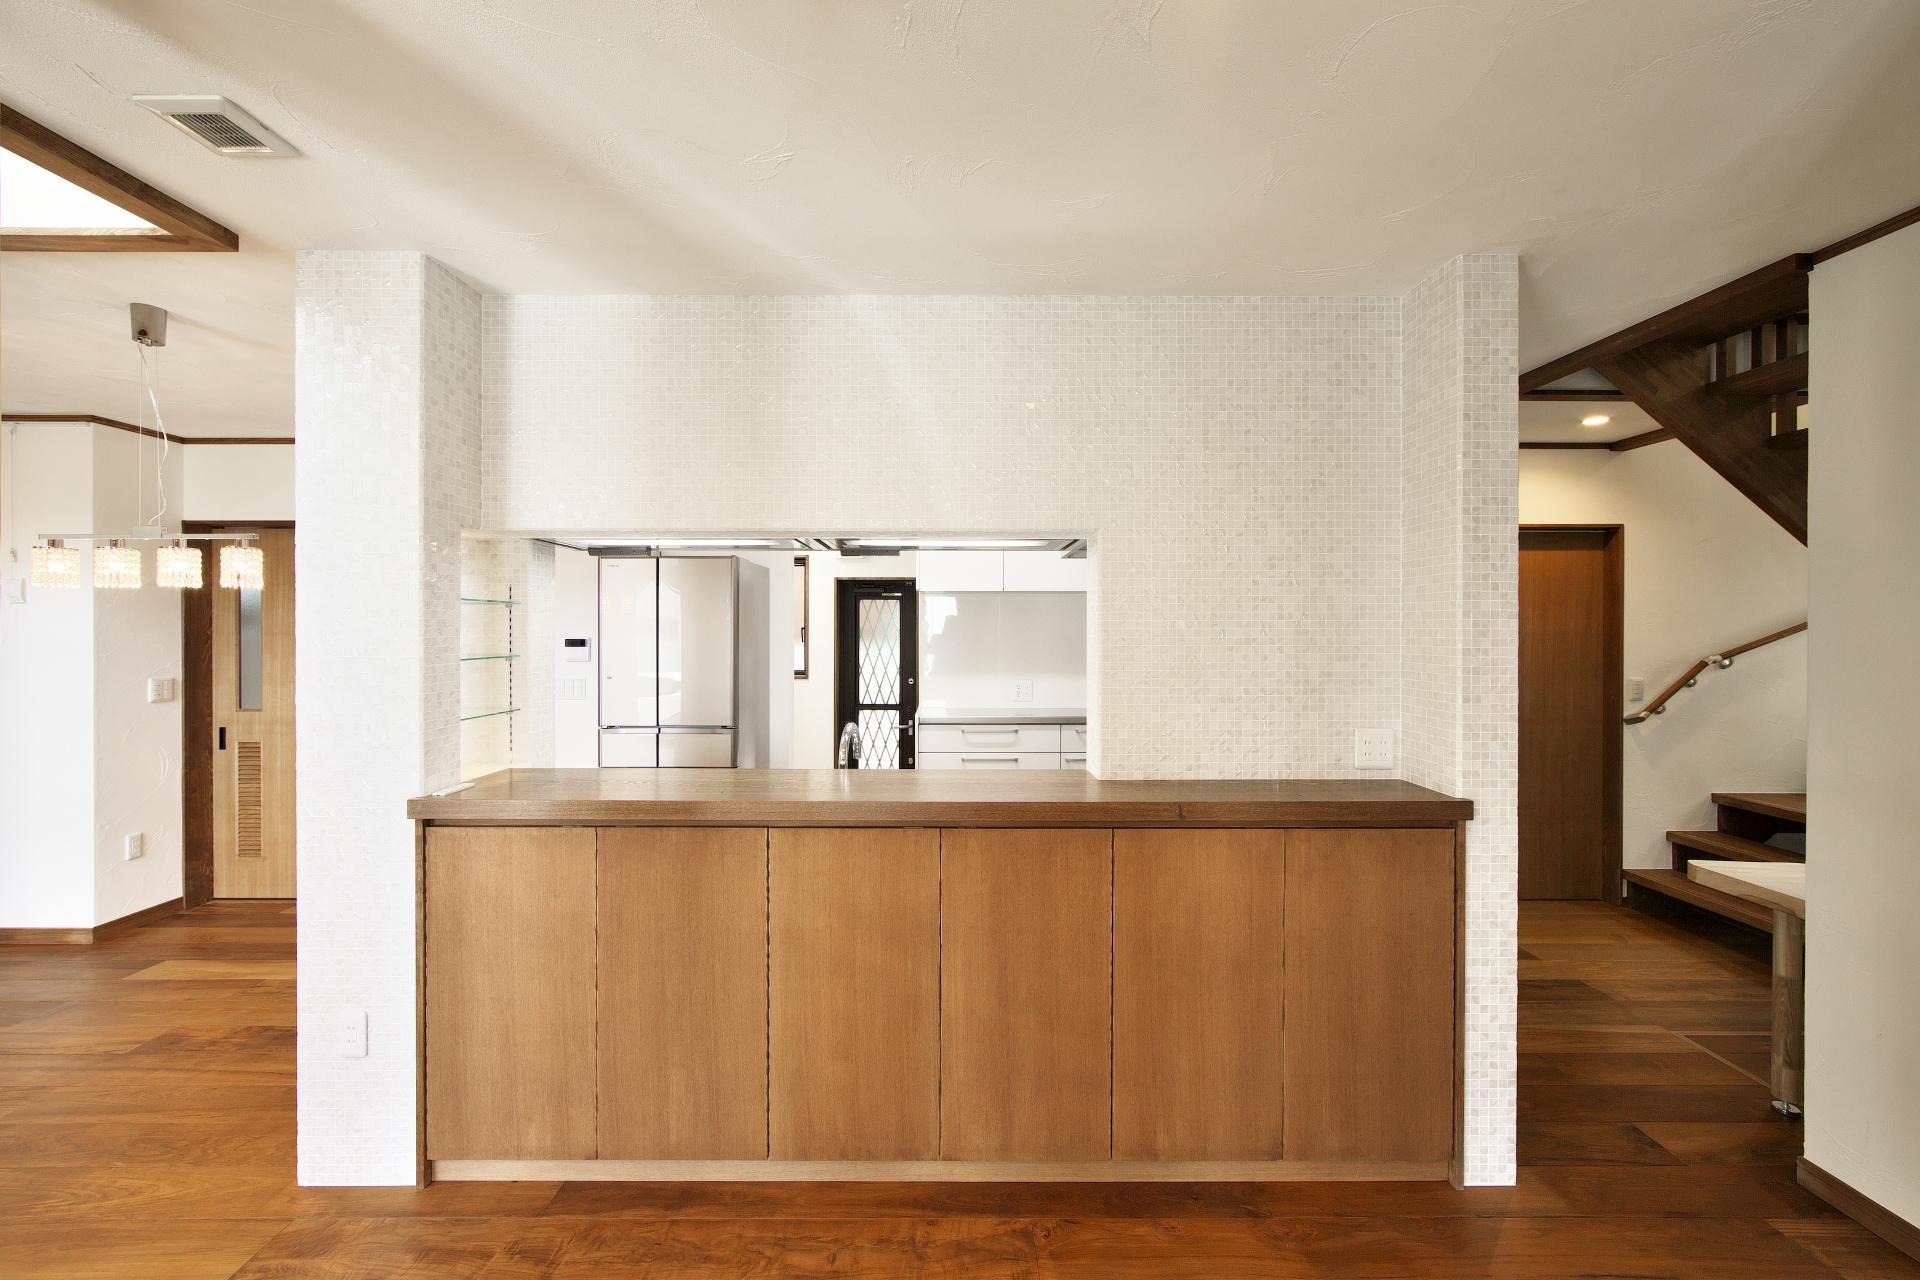 創住環【自然素材、省エネ、高級住宅】オーダーで作ったカウンター収納が便利なキッチン